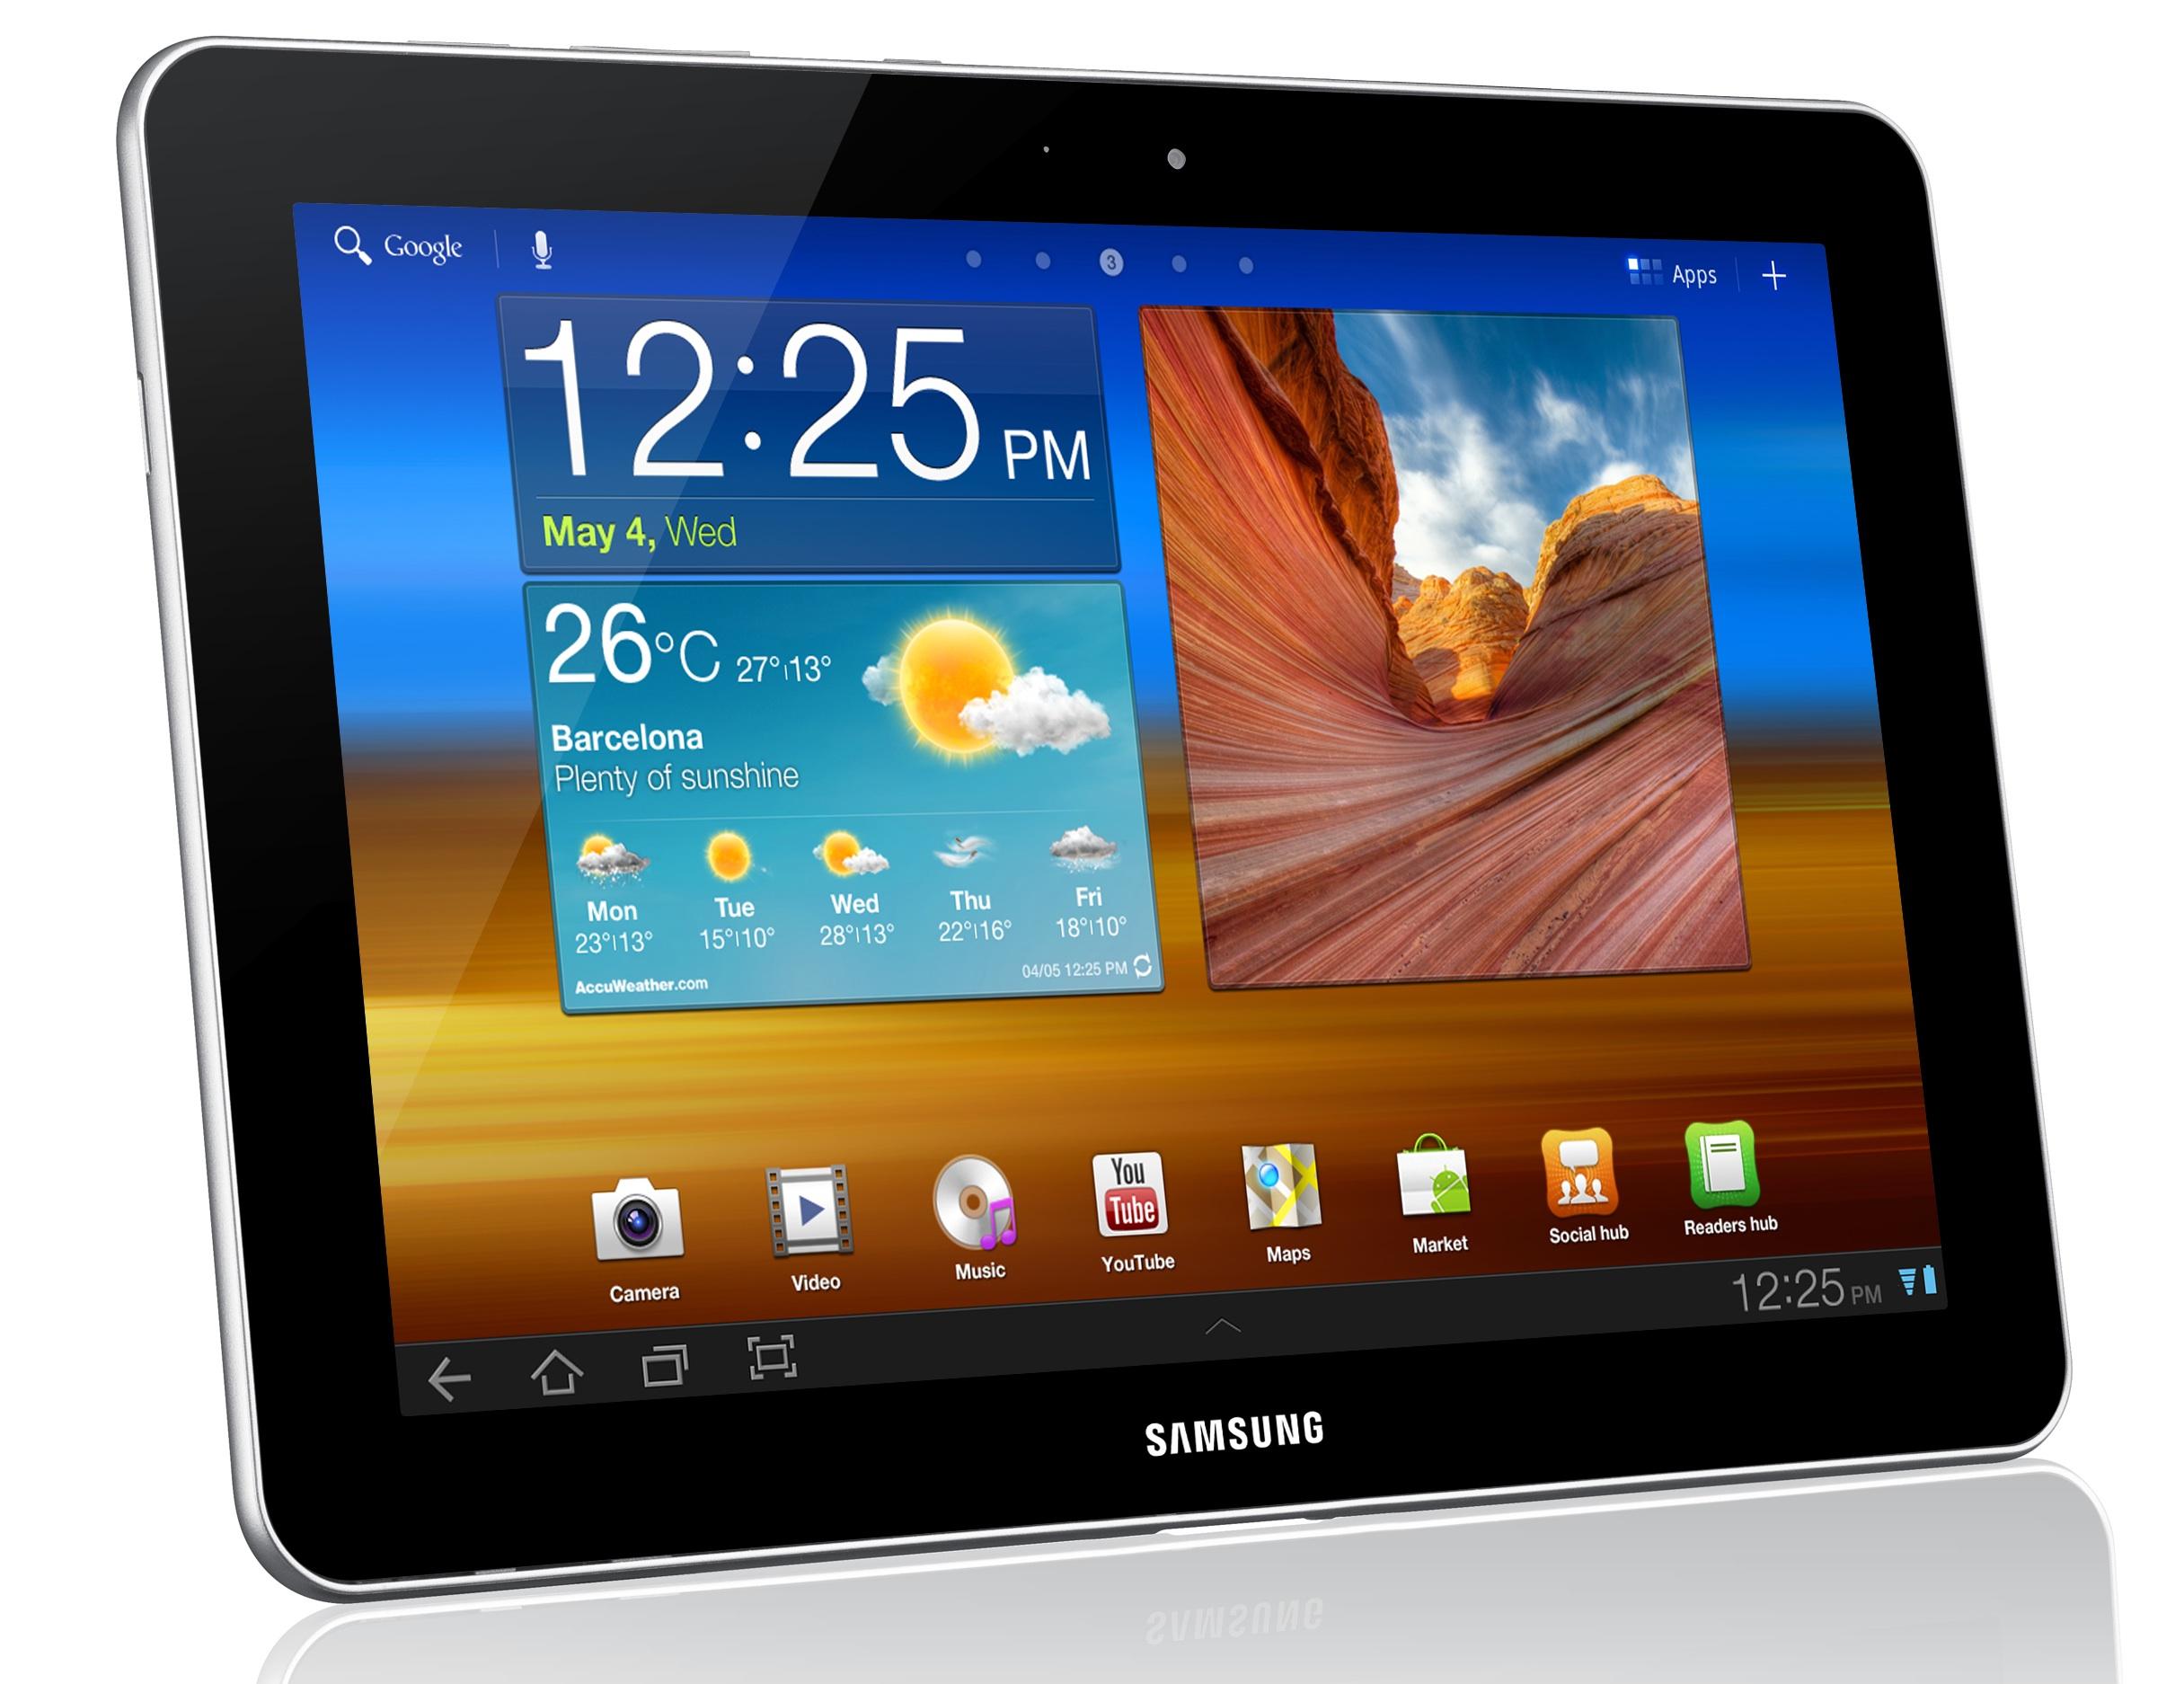 Samsung-Galaxy-Tab-101-1